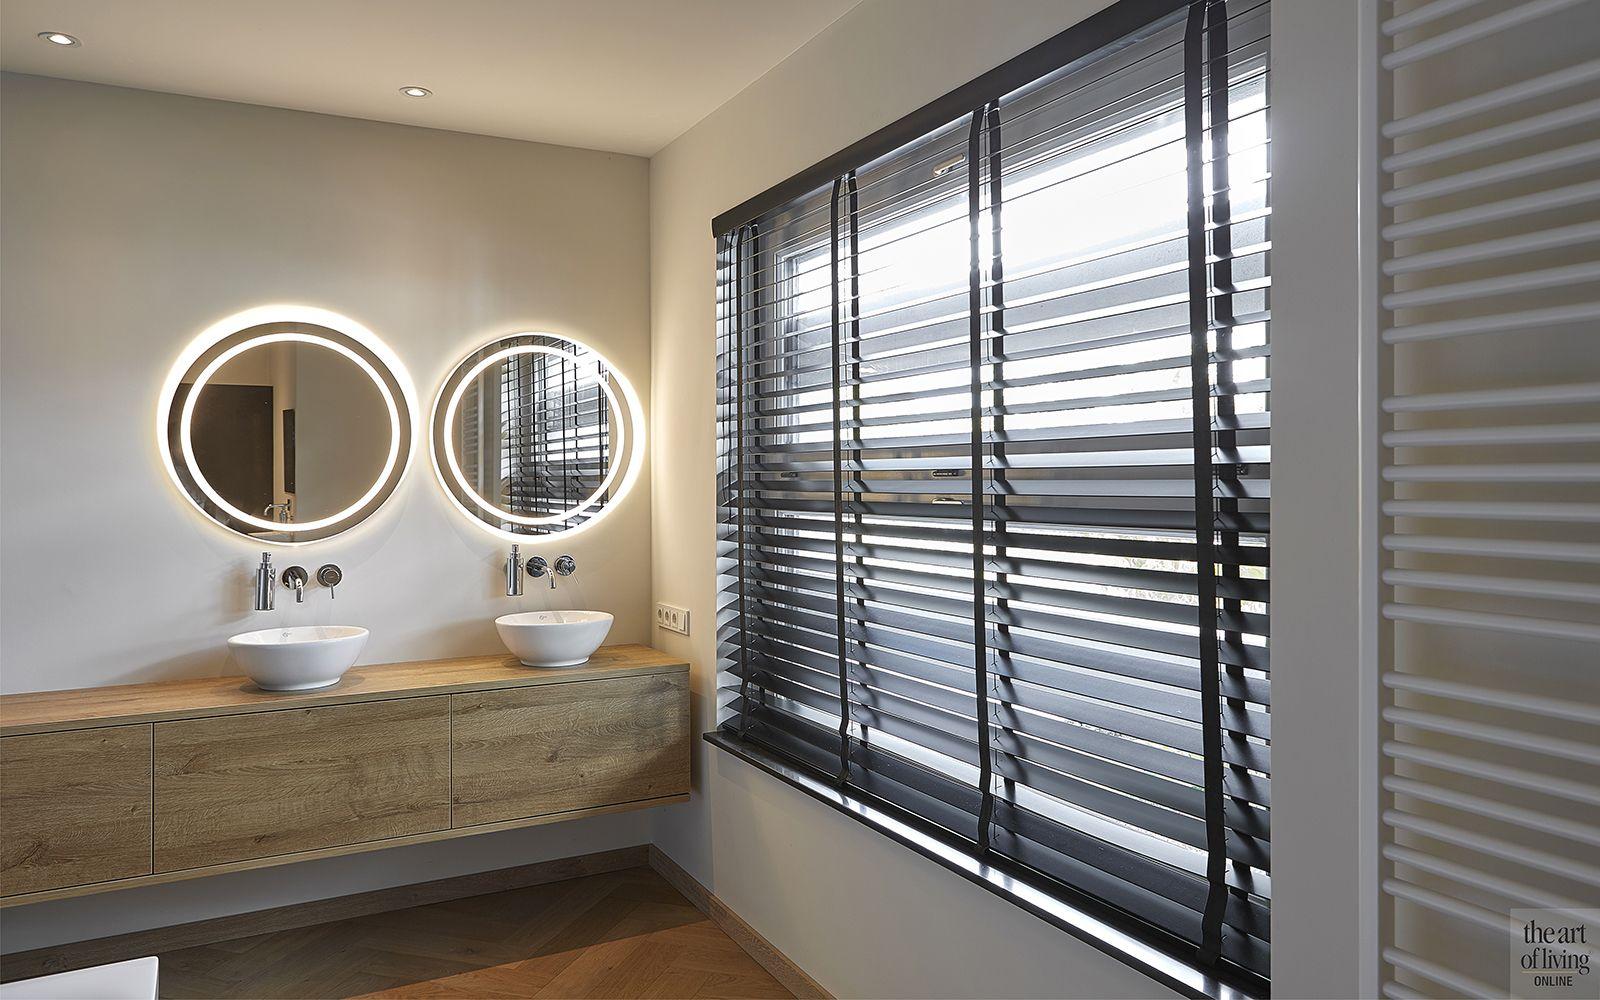 Ronde Spiegel Badkamer : Luxe boerderij interieur badkamer theartofliving eu bathroom